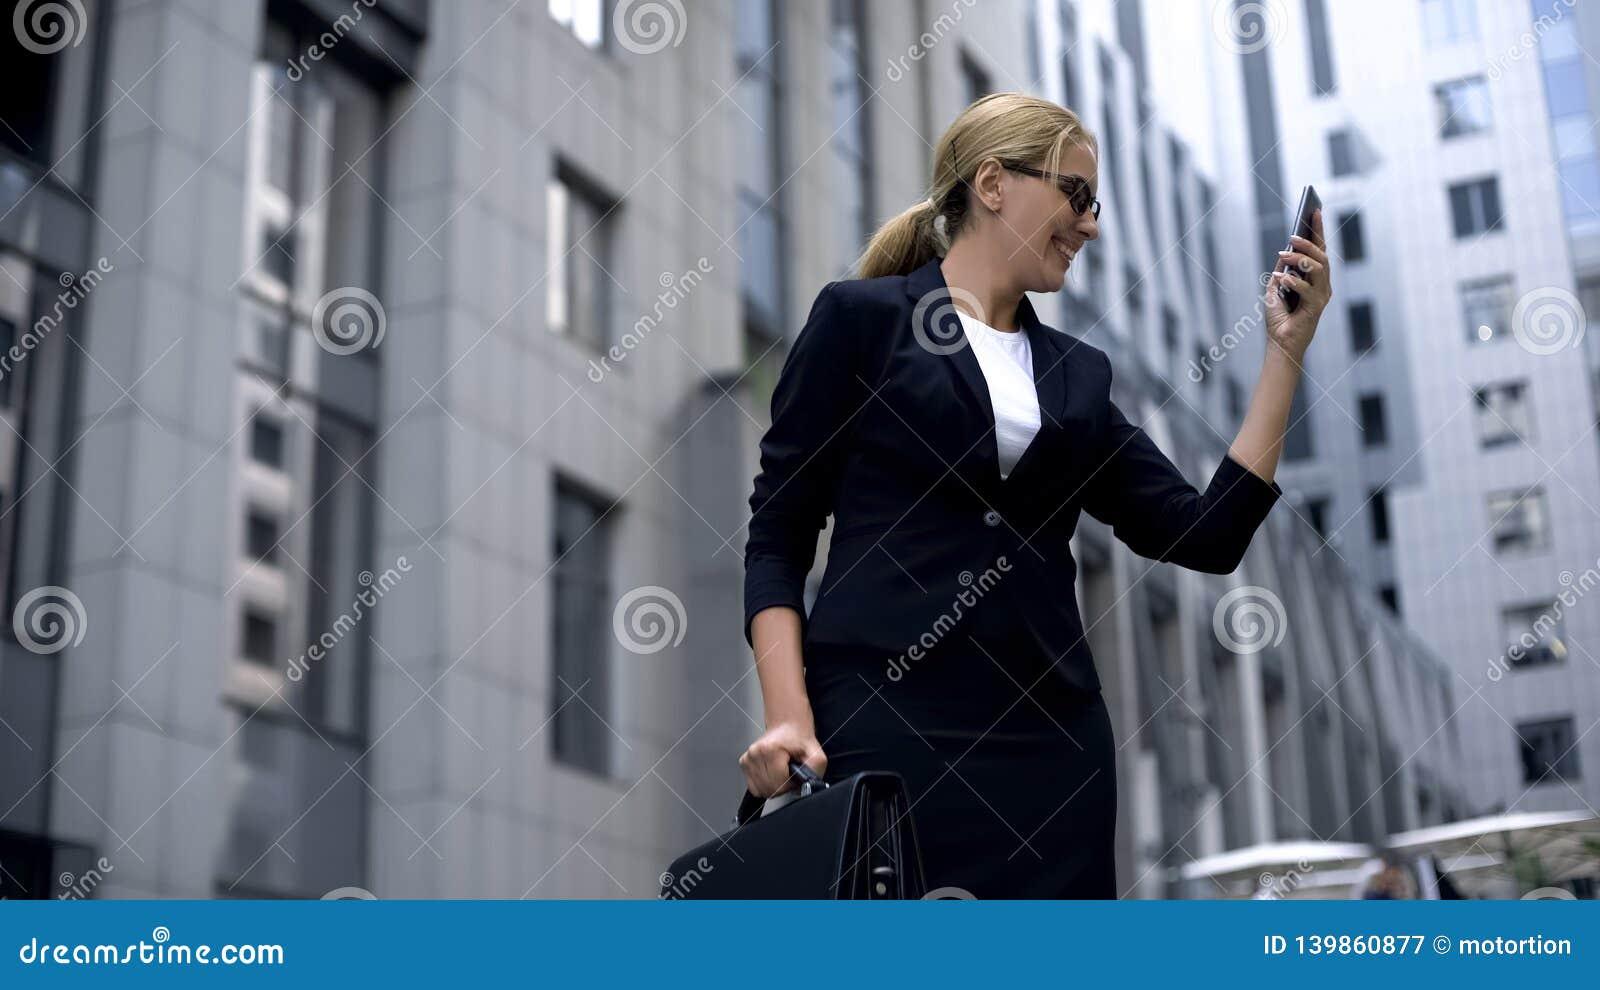 Sms de júbilo da mulher de negócios feliz com as boas notícias, fazendo o investimento rentável